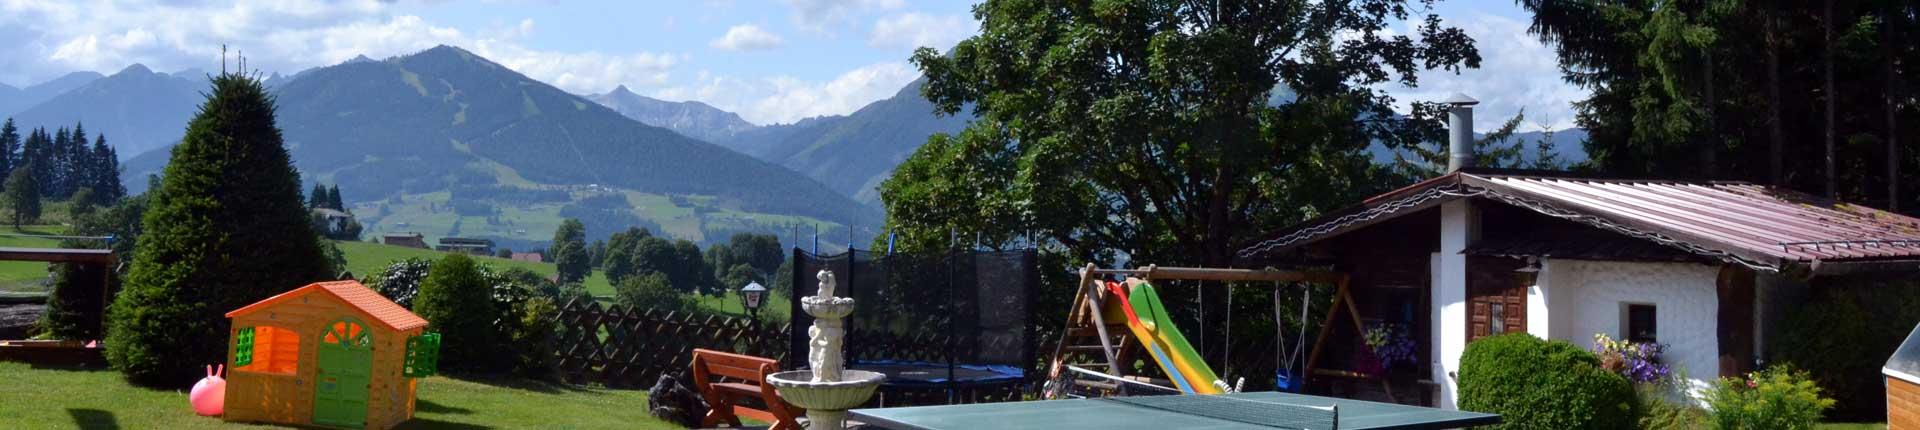 Terrasse und Spielplatz Hotel Ramsauer Alm in Ramsau am Dachstein